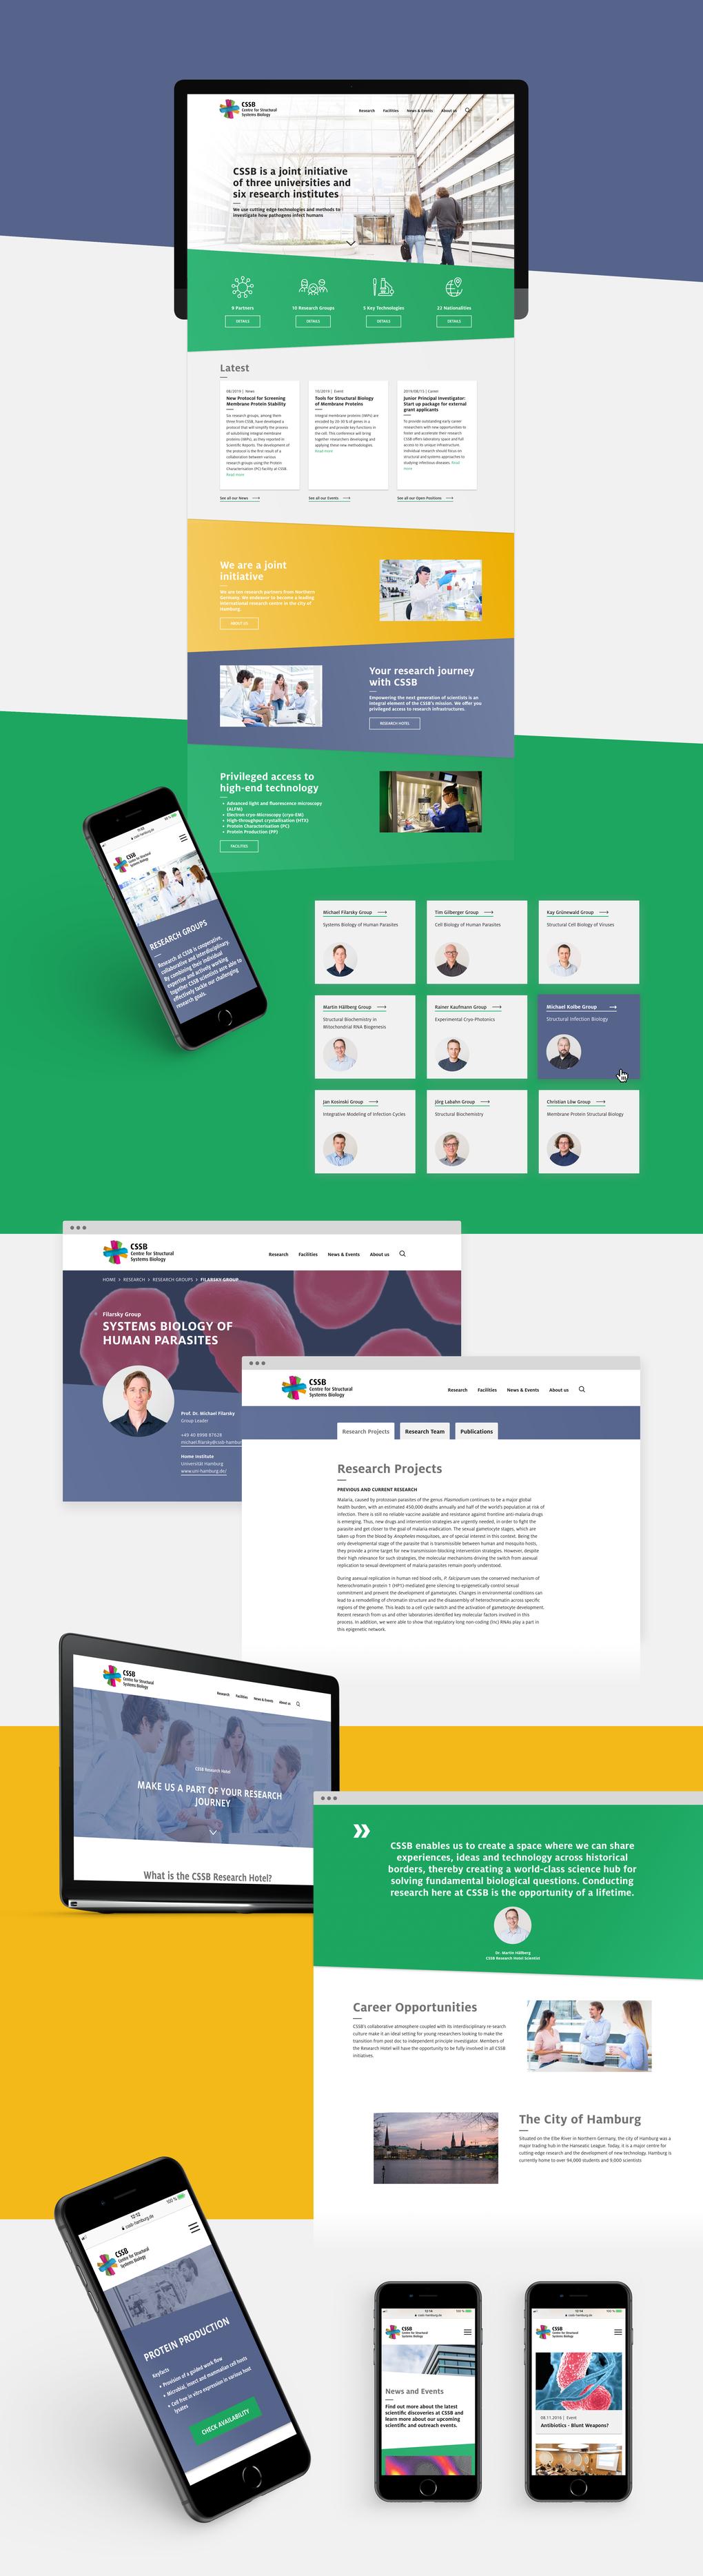 Projektaufbereitung für den Website-Relaunch des CSSB